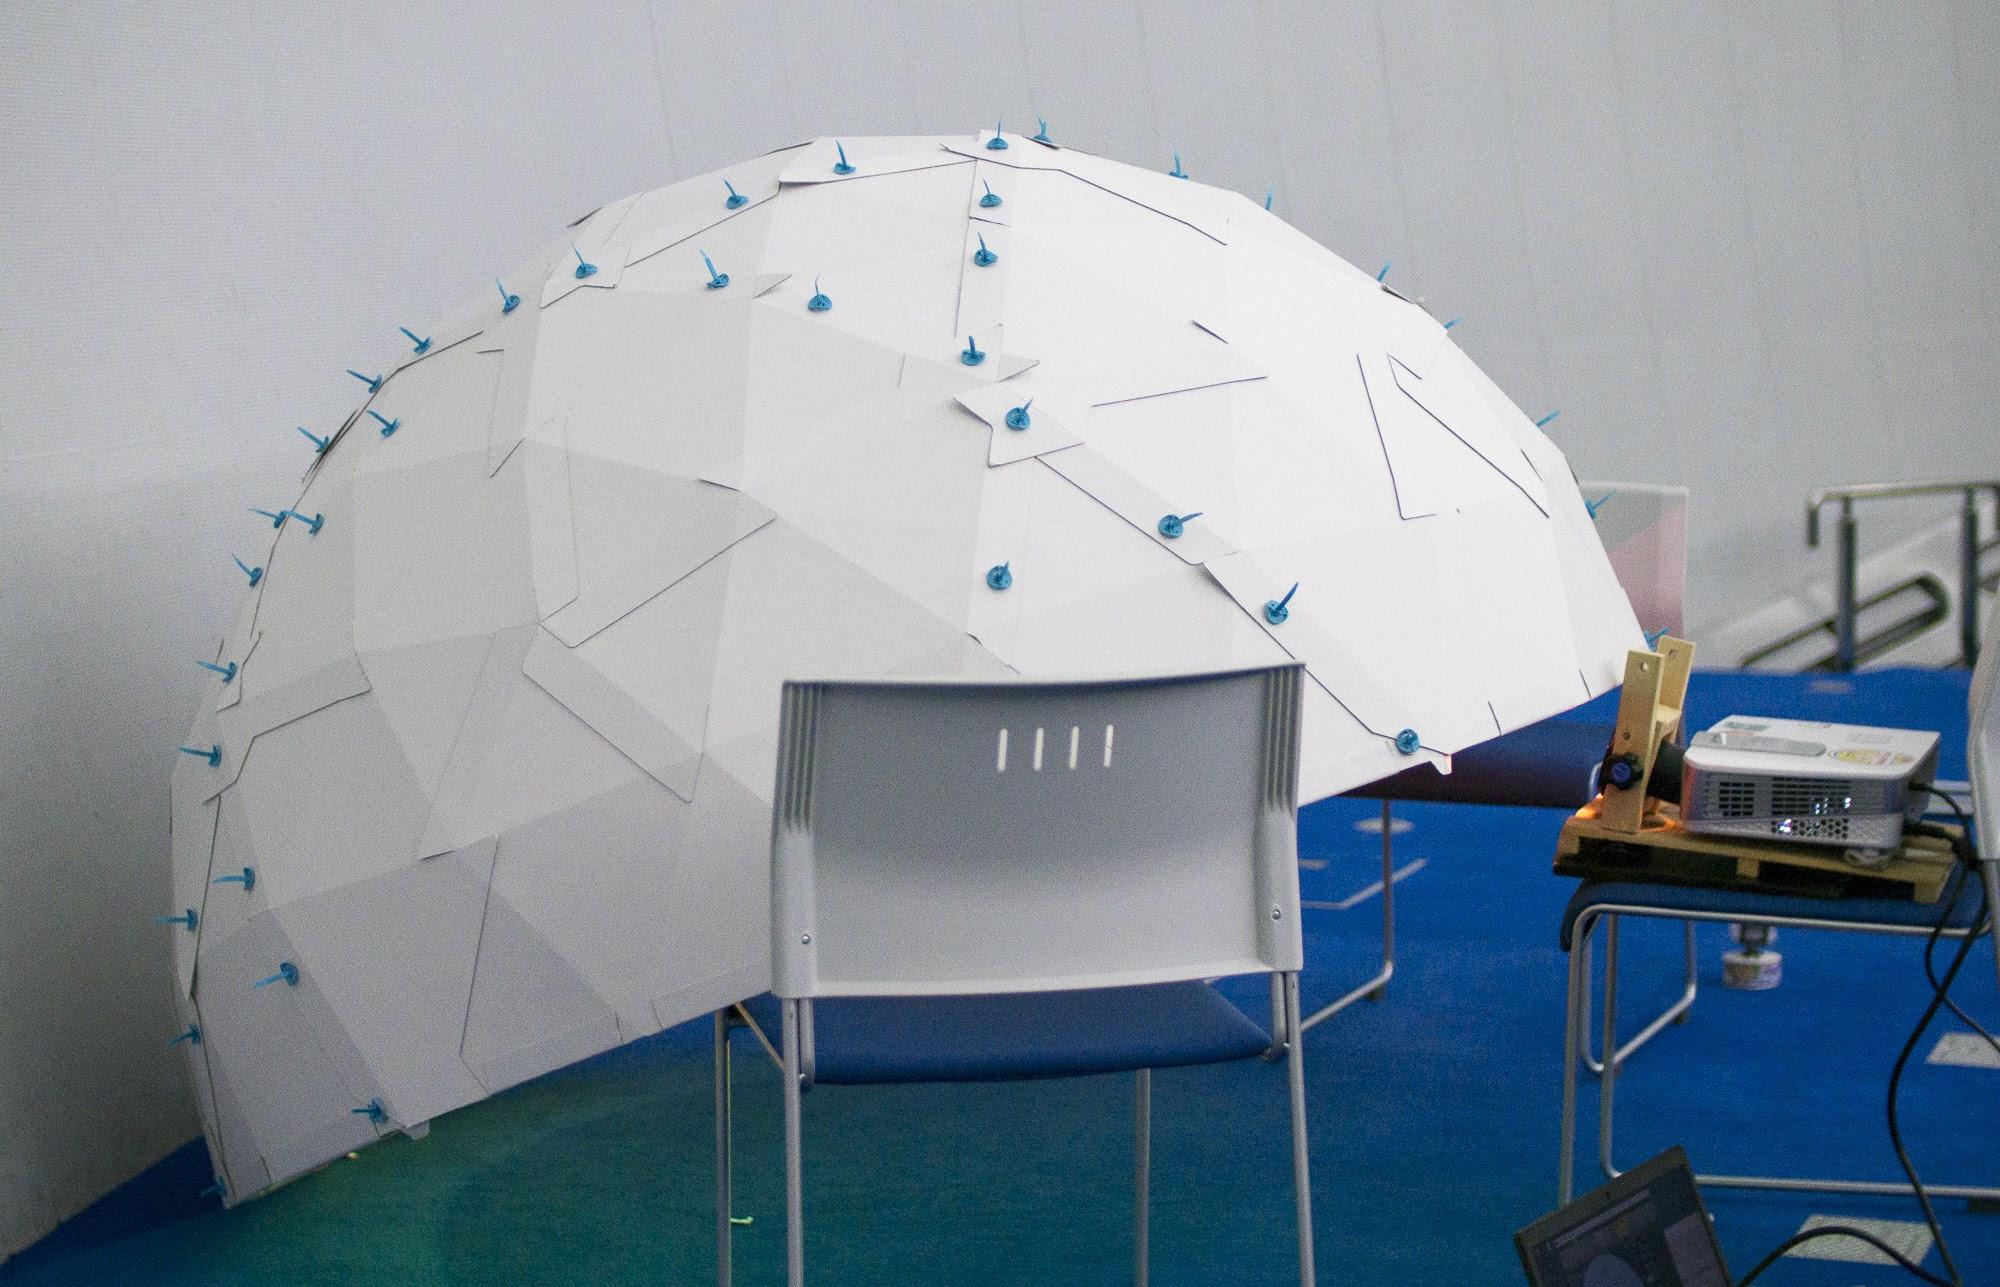 ニコニコ動画プラネタリウムの実験会に持ち込んだ1.8mの半球ドーム